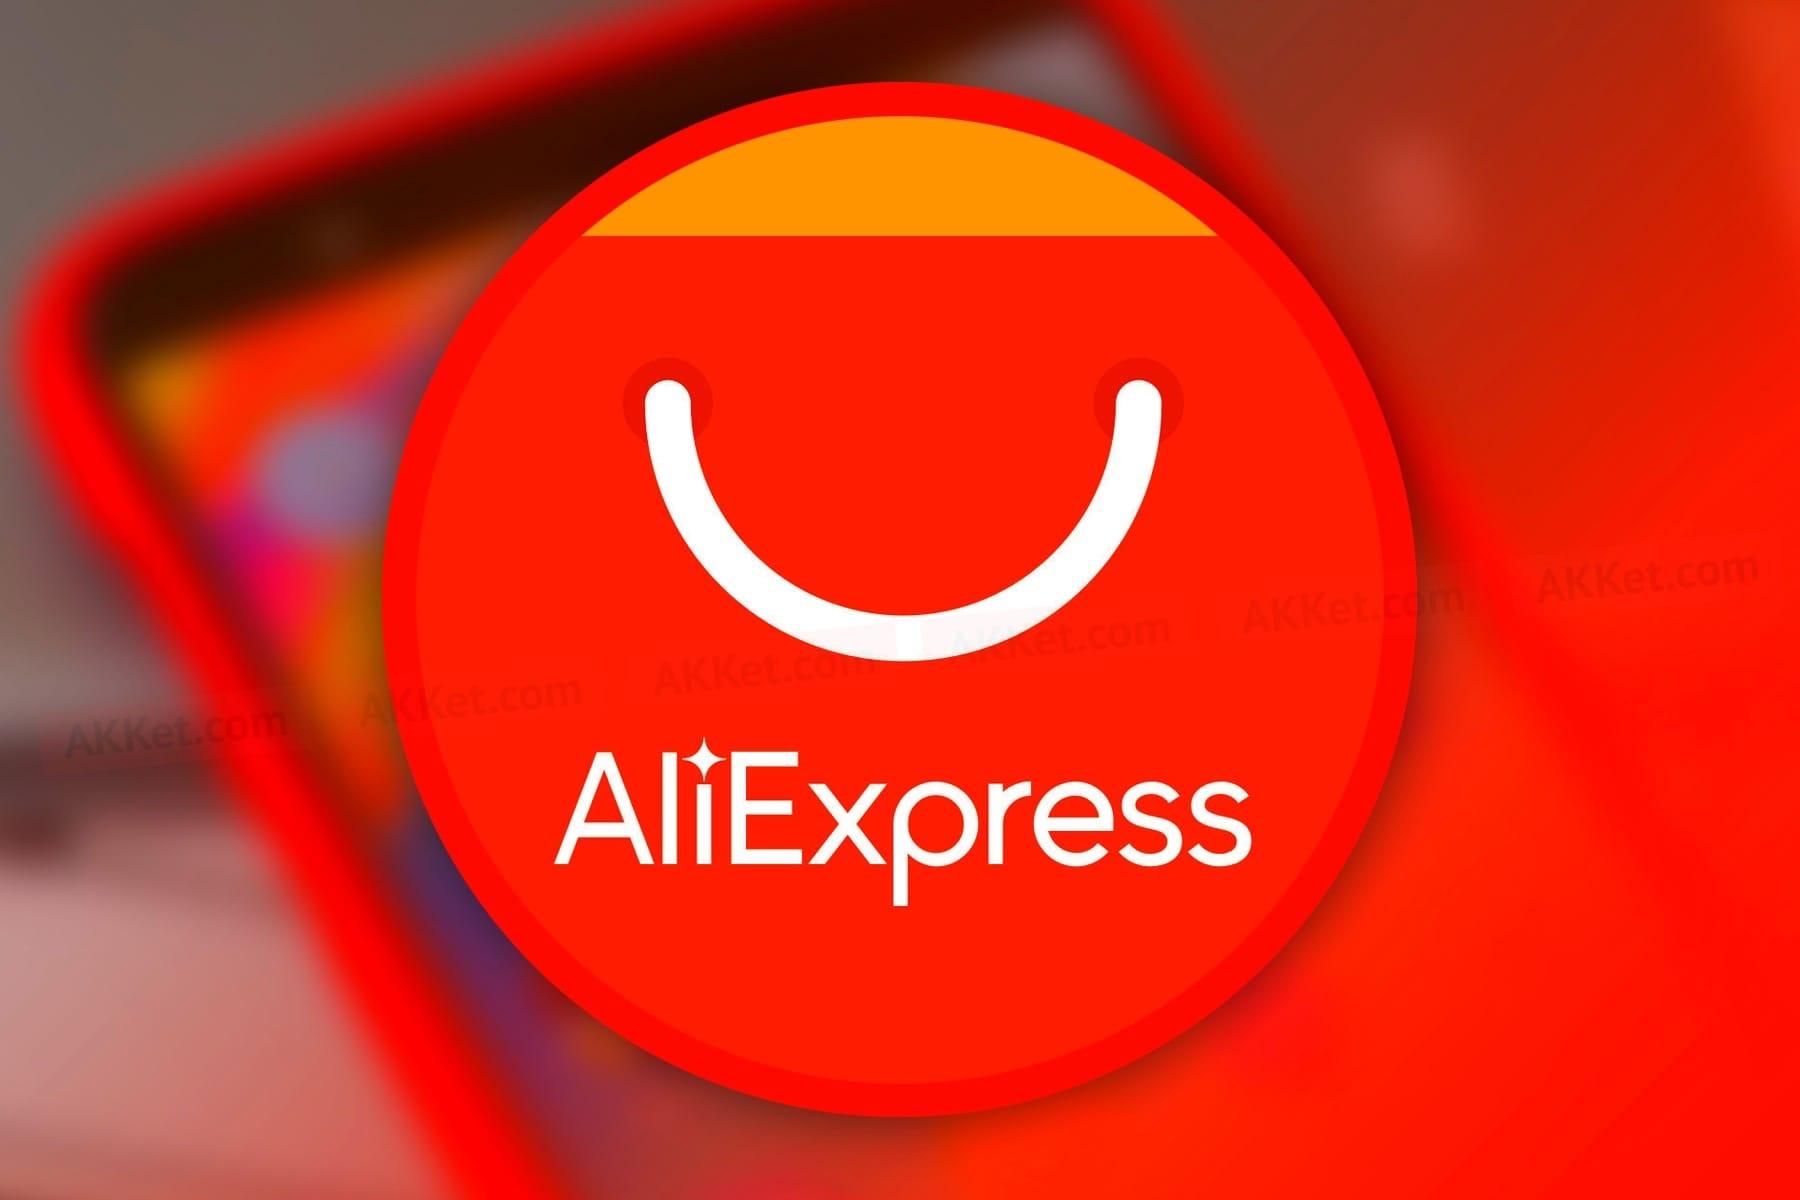 AliExpress массово распродает мобильные телефоны в Российской Федерации